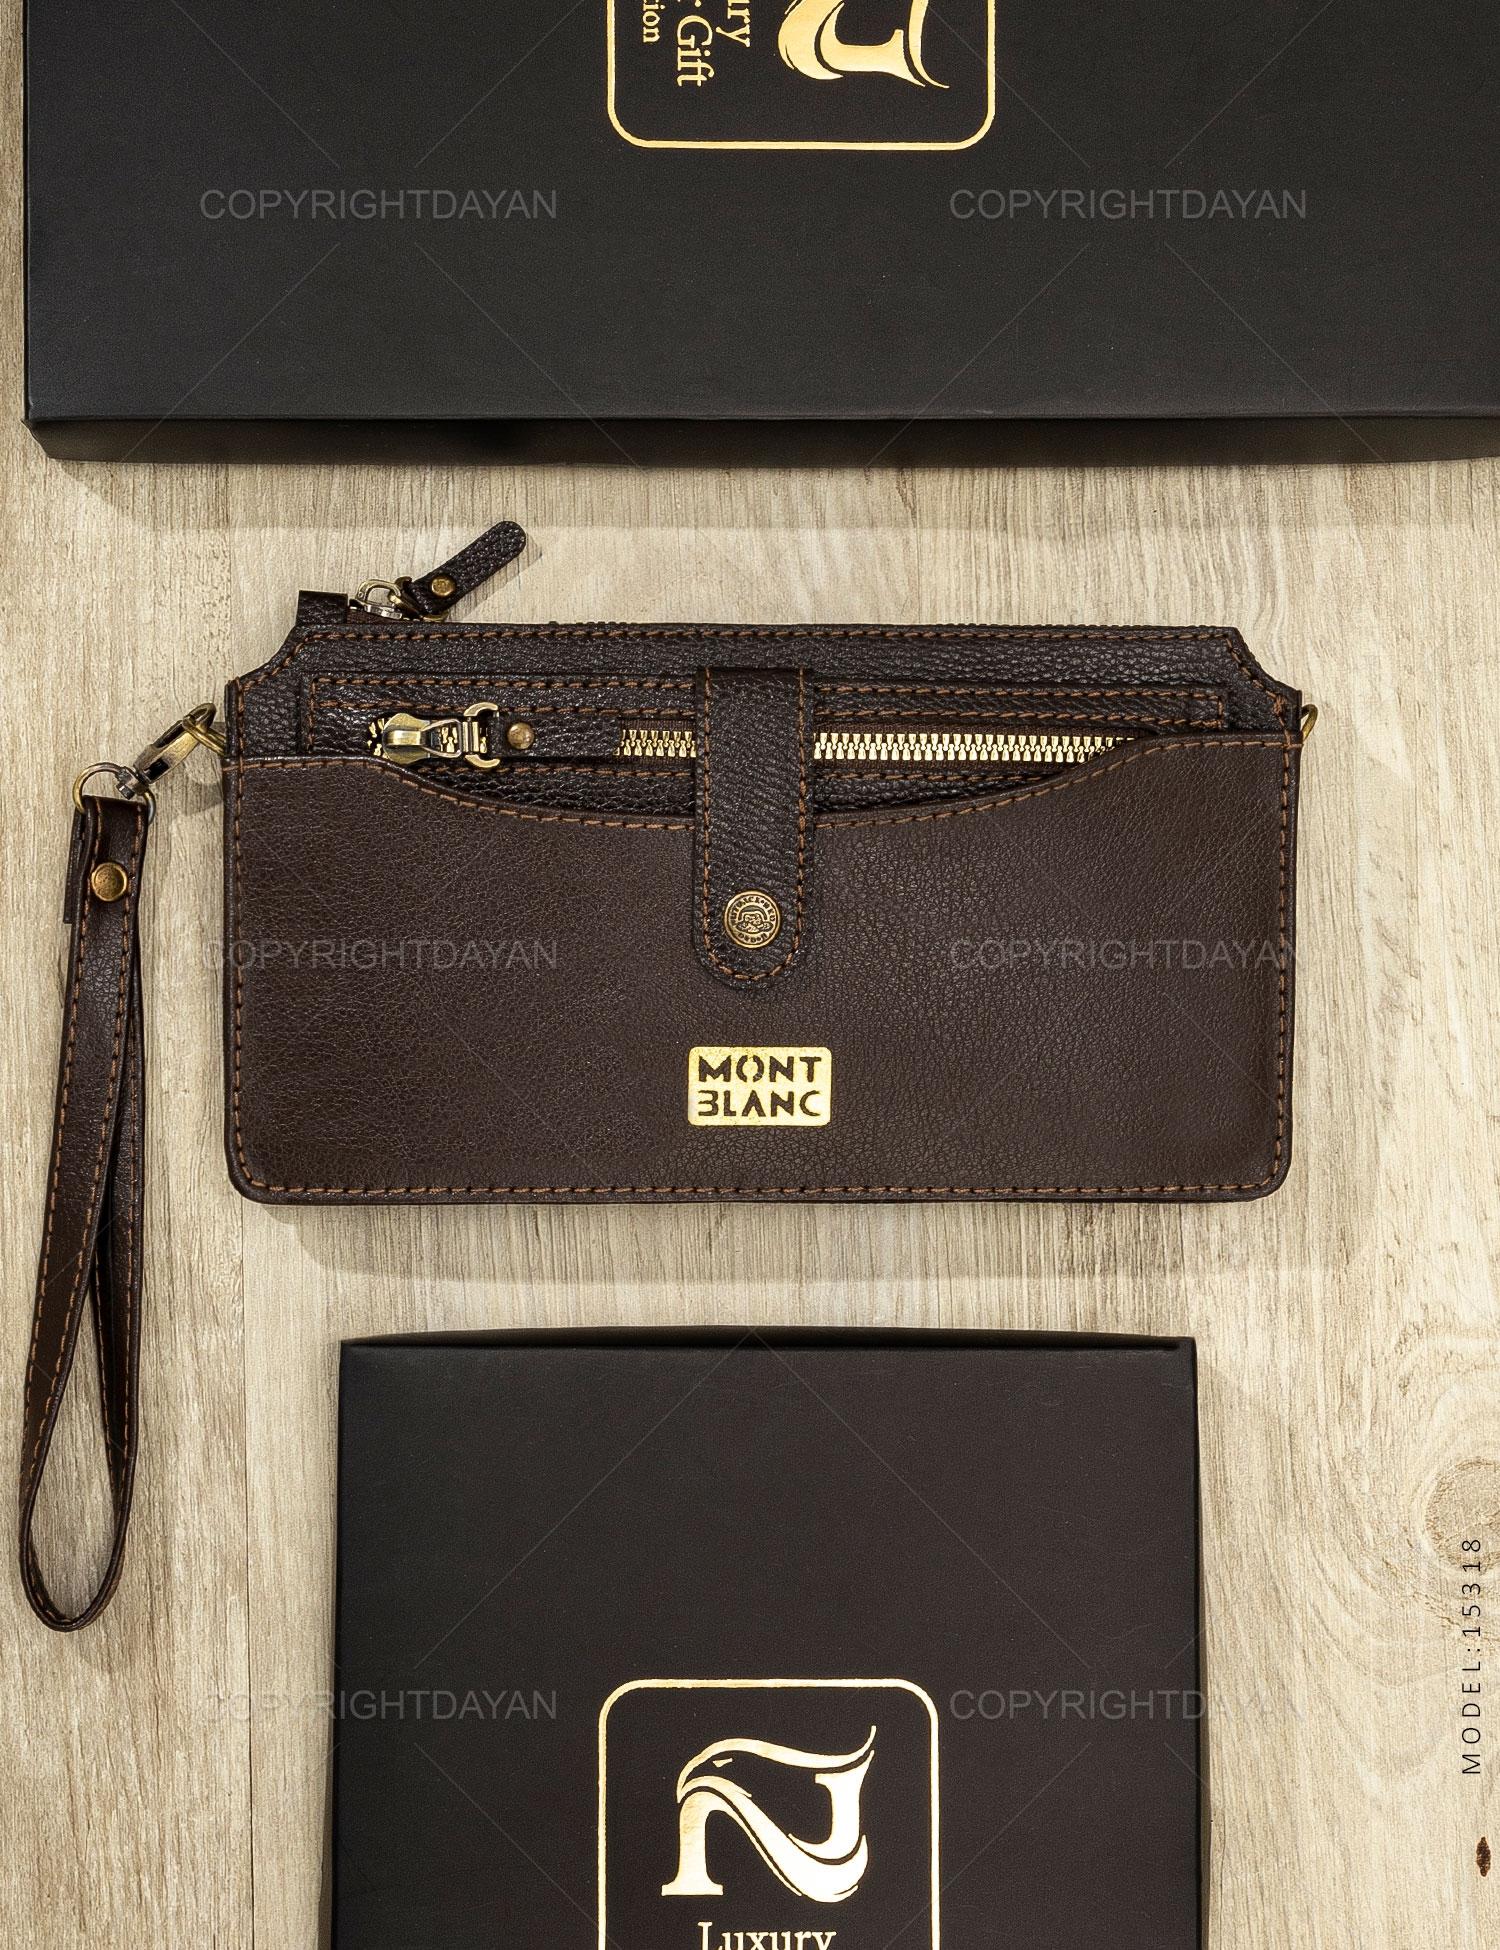 کیف دستی Mont blanc مدل 15318